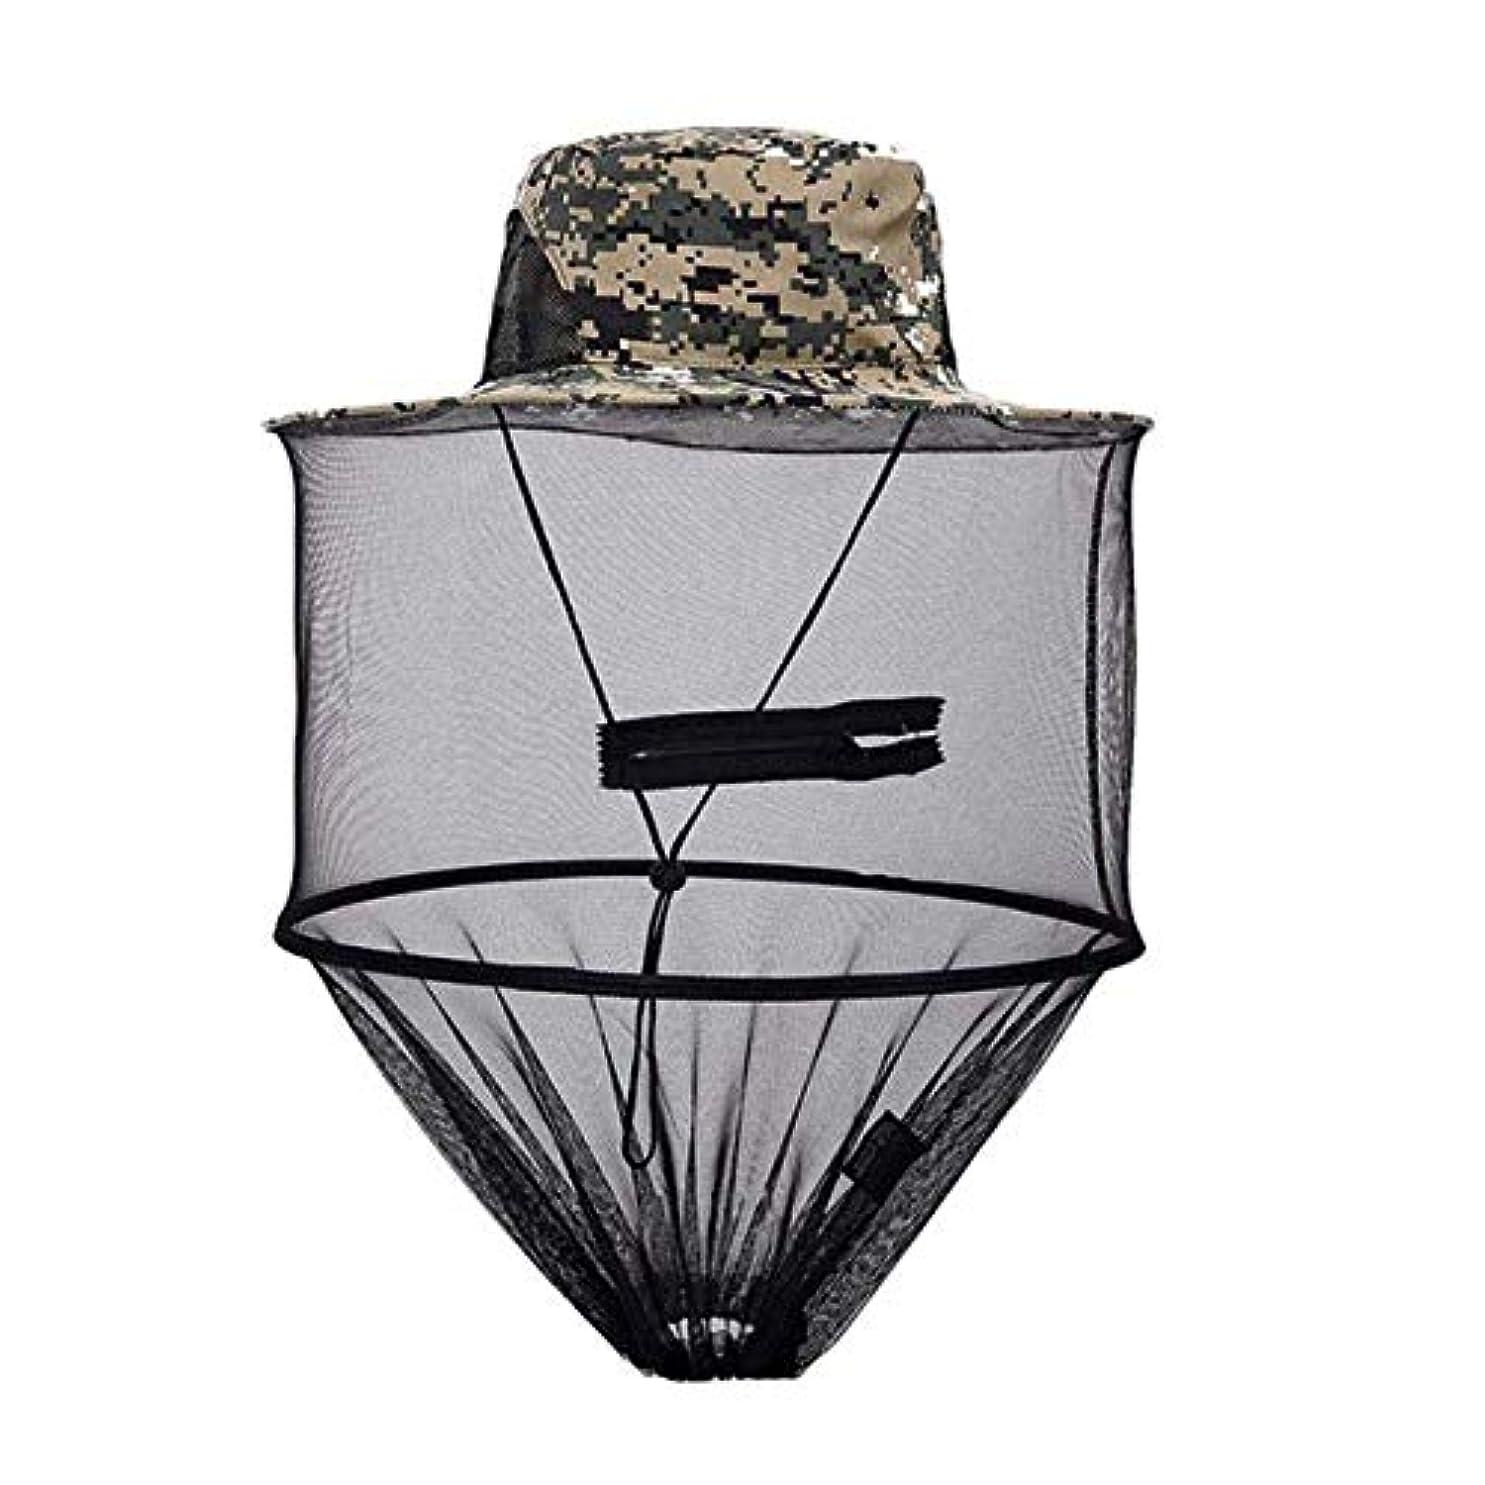 測定全体面Saikogoods アウトドアキャンプハイキング狩猟のためにネットメッシュ?ヘッドフェイスプロテクター 釣りの帽子蚊キャップ ミッジフライバグ昆虫蜂ハット デジタル迷彩